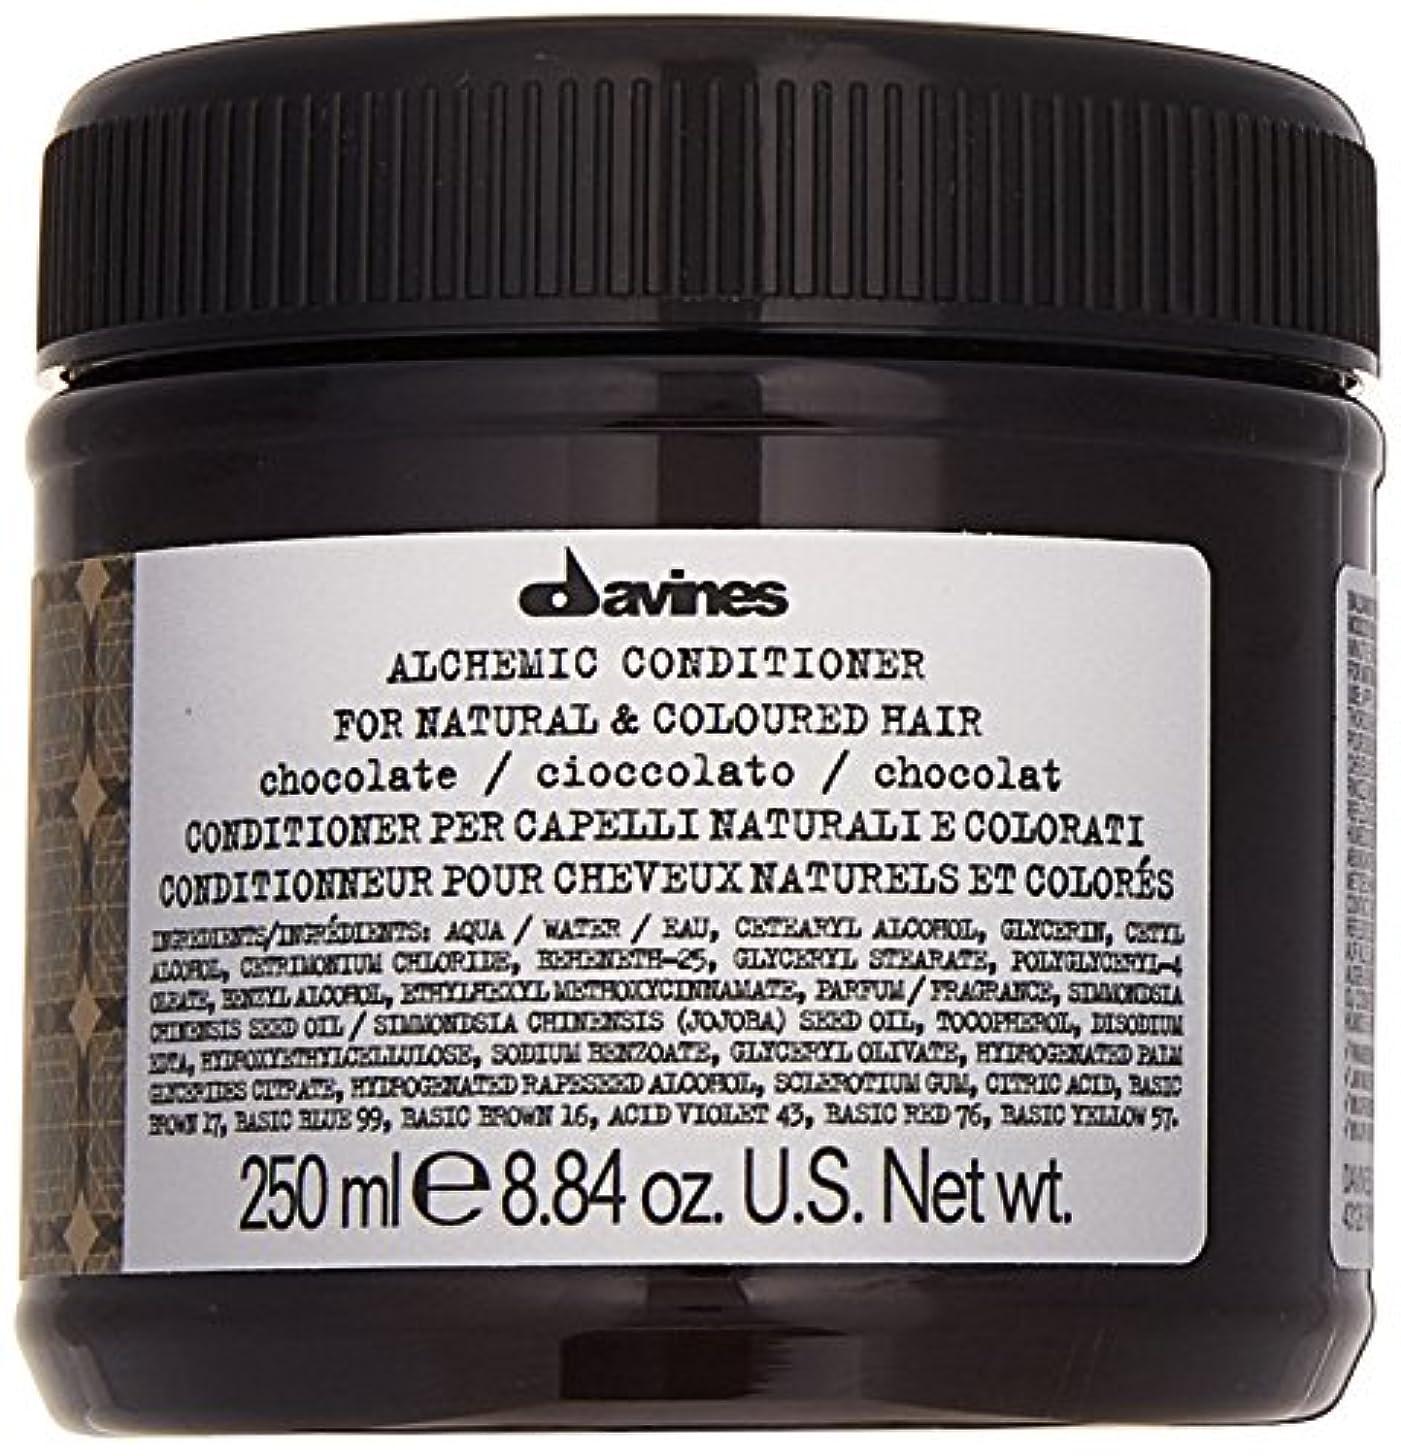 カフェテリア飛行場あざダヴィネス Alchemic Conditioner - # Chocolate (For Natural & Coloured Hair) 250ml/8.84oz並行輸入品